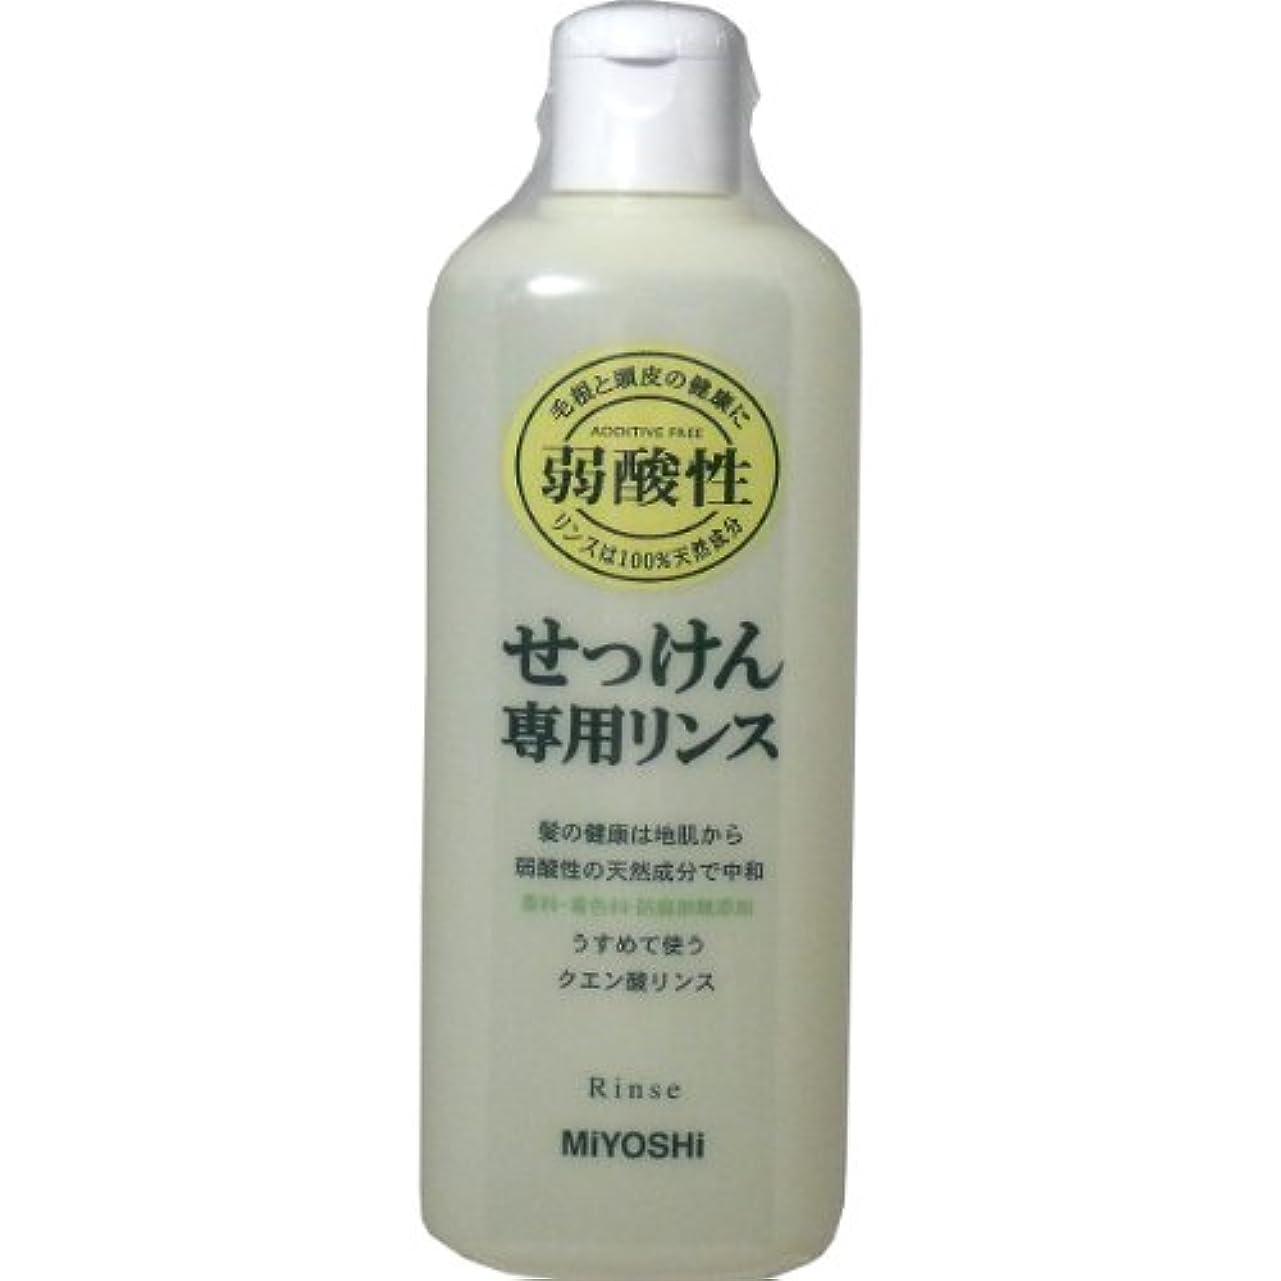 味付け辛いプレフィックス無添加 せっけんシャンプー専用リンス レギュラー 350ml(石鹸シャンプー用リンス) 6セット